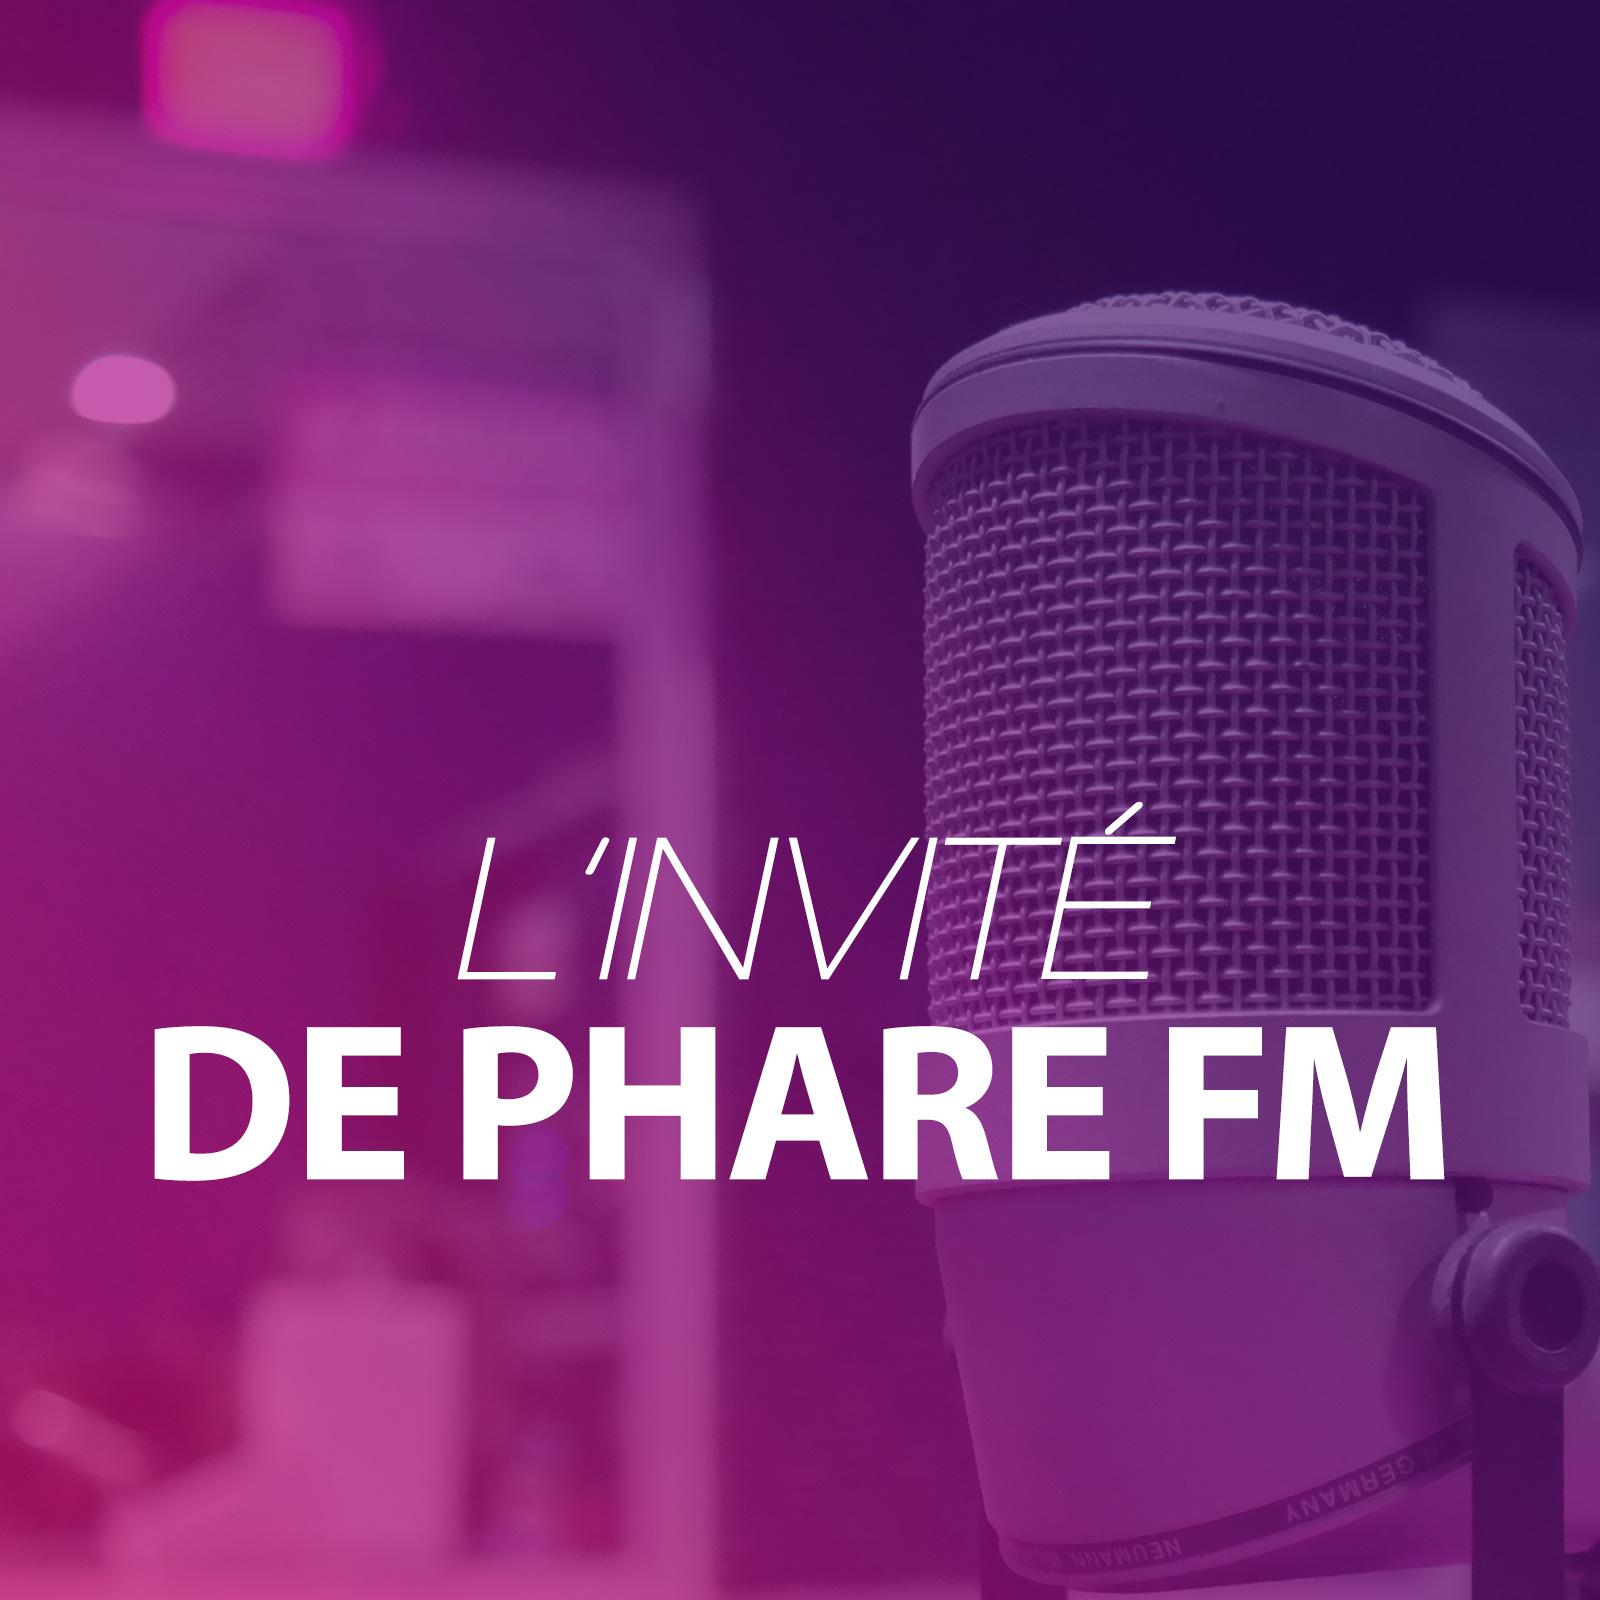 PHARE FM